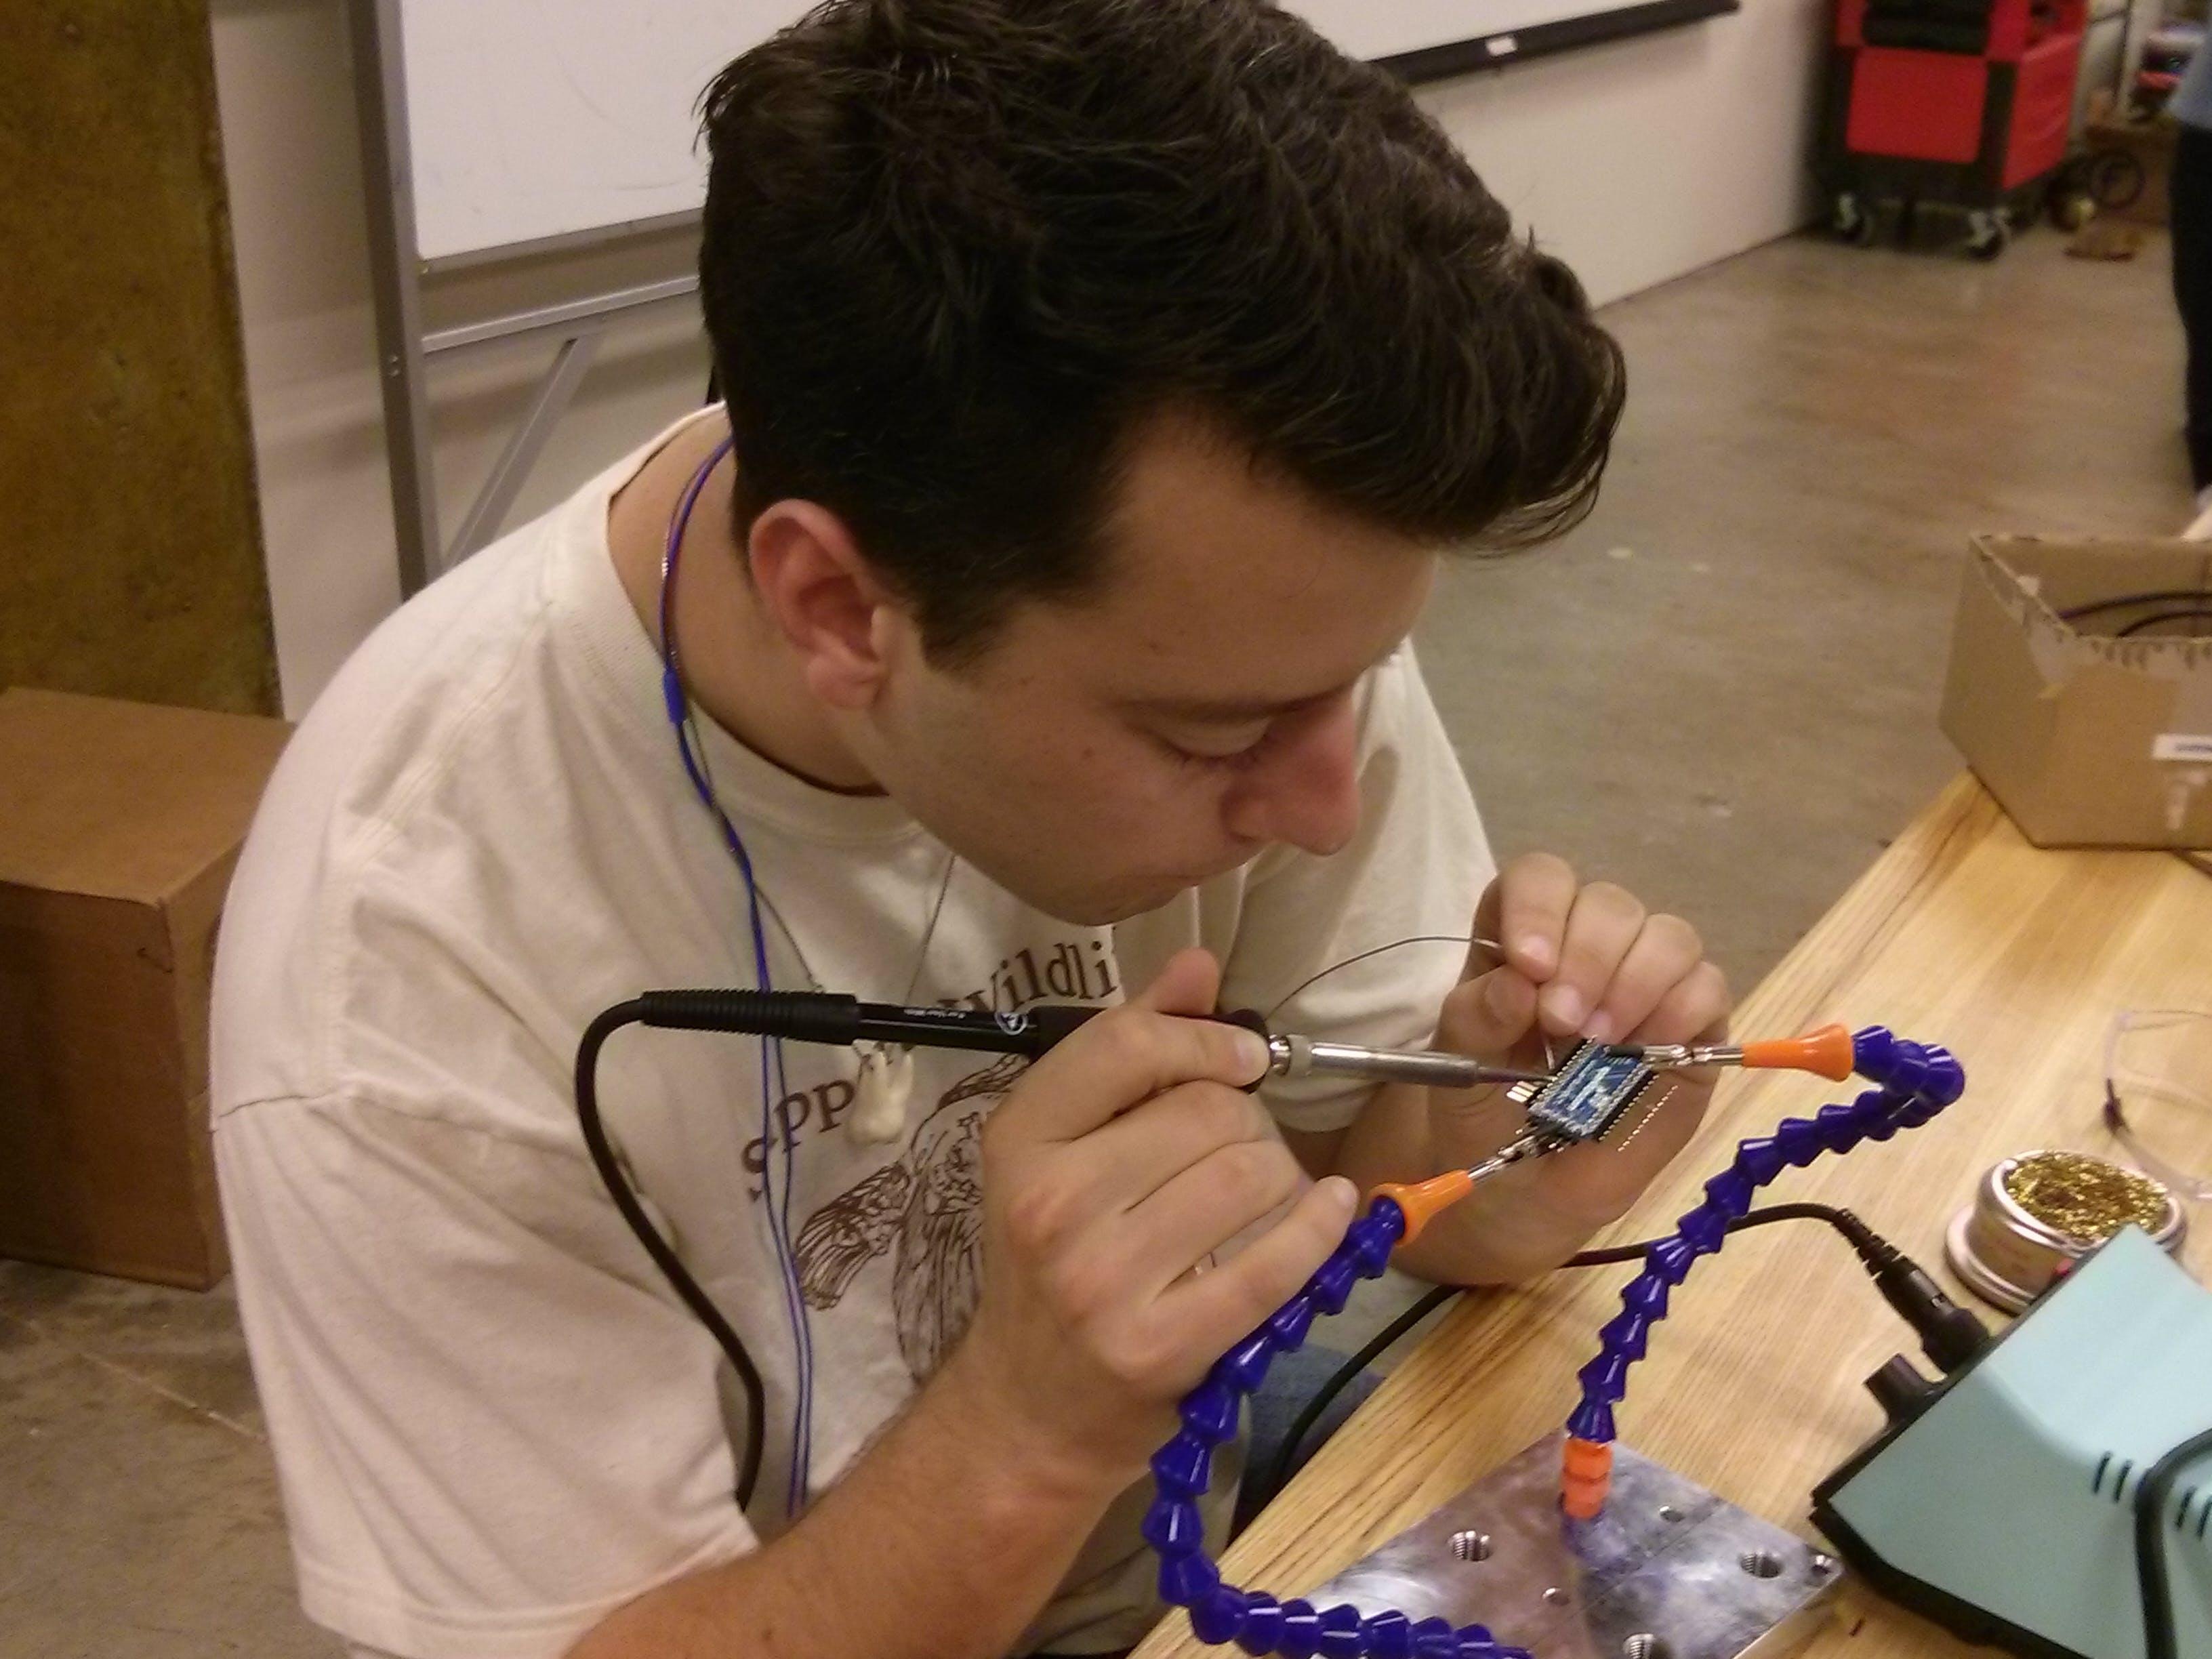 soldering away